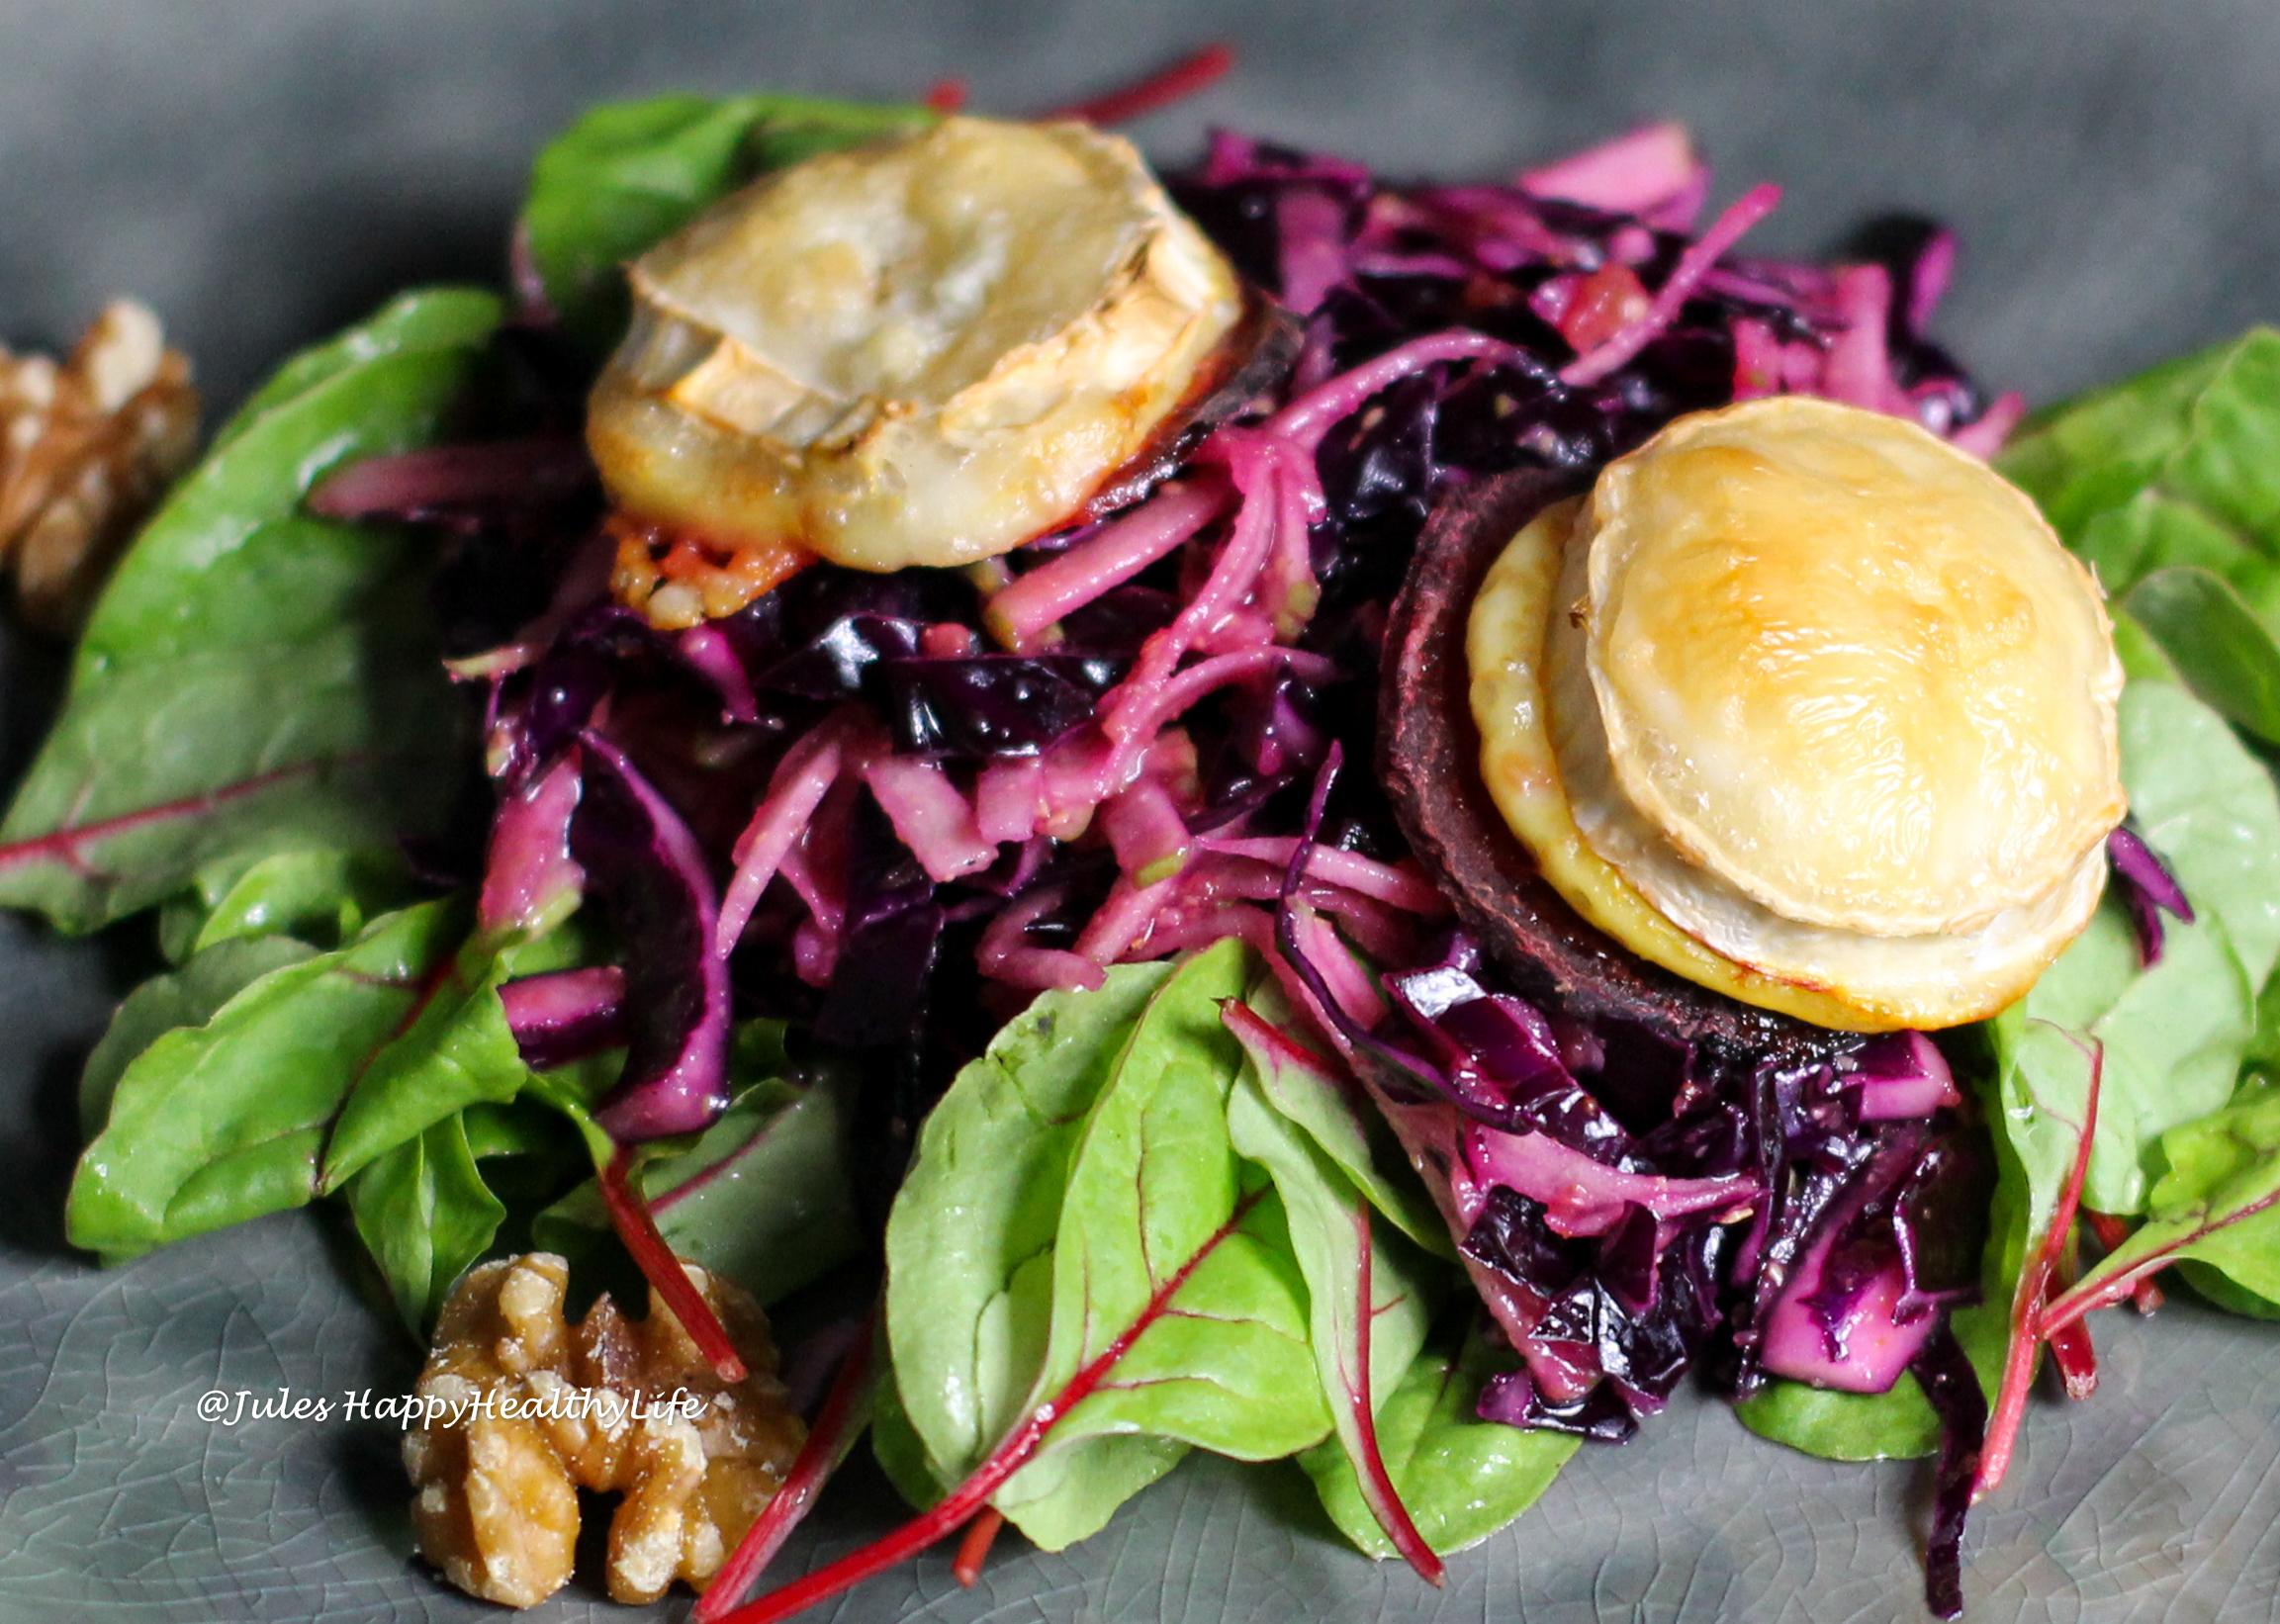 Erfrischend und doch sättigend ist der Rotkohl Apfel Salat mit gebackenem Ziegenkäse